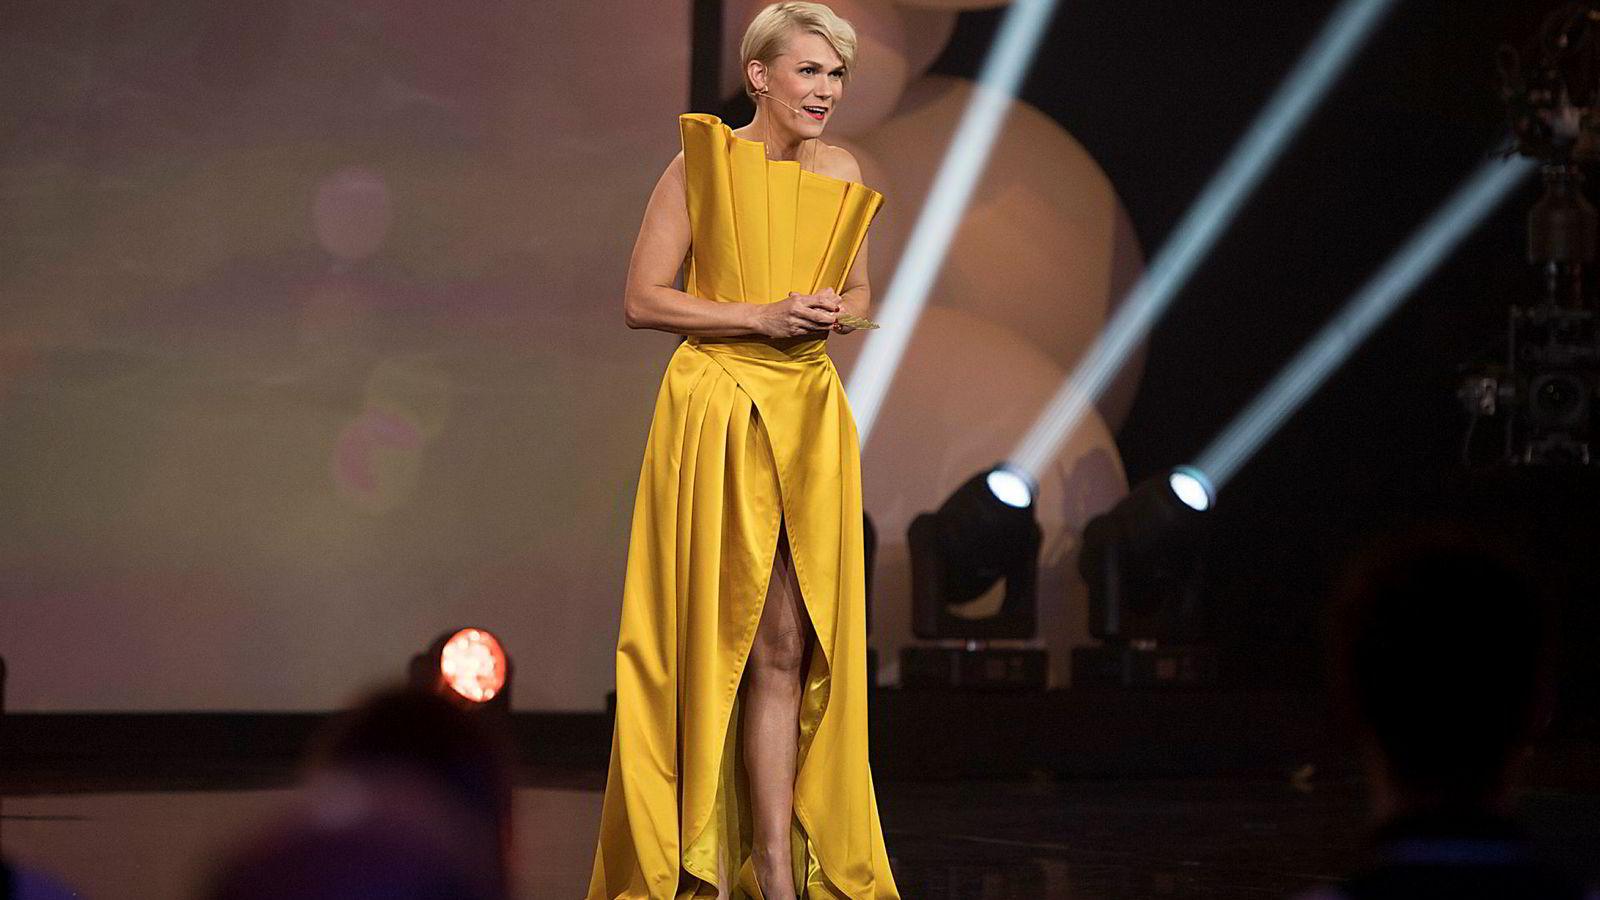 Komiker og samfunnsdebattant Sigrid Bonde Tusviks aksjeselskap håvet inn rekord mye penger i 2018. Her fra «Gullruten» tidligere i år.